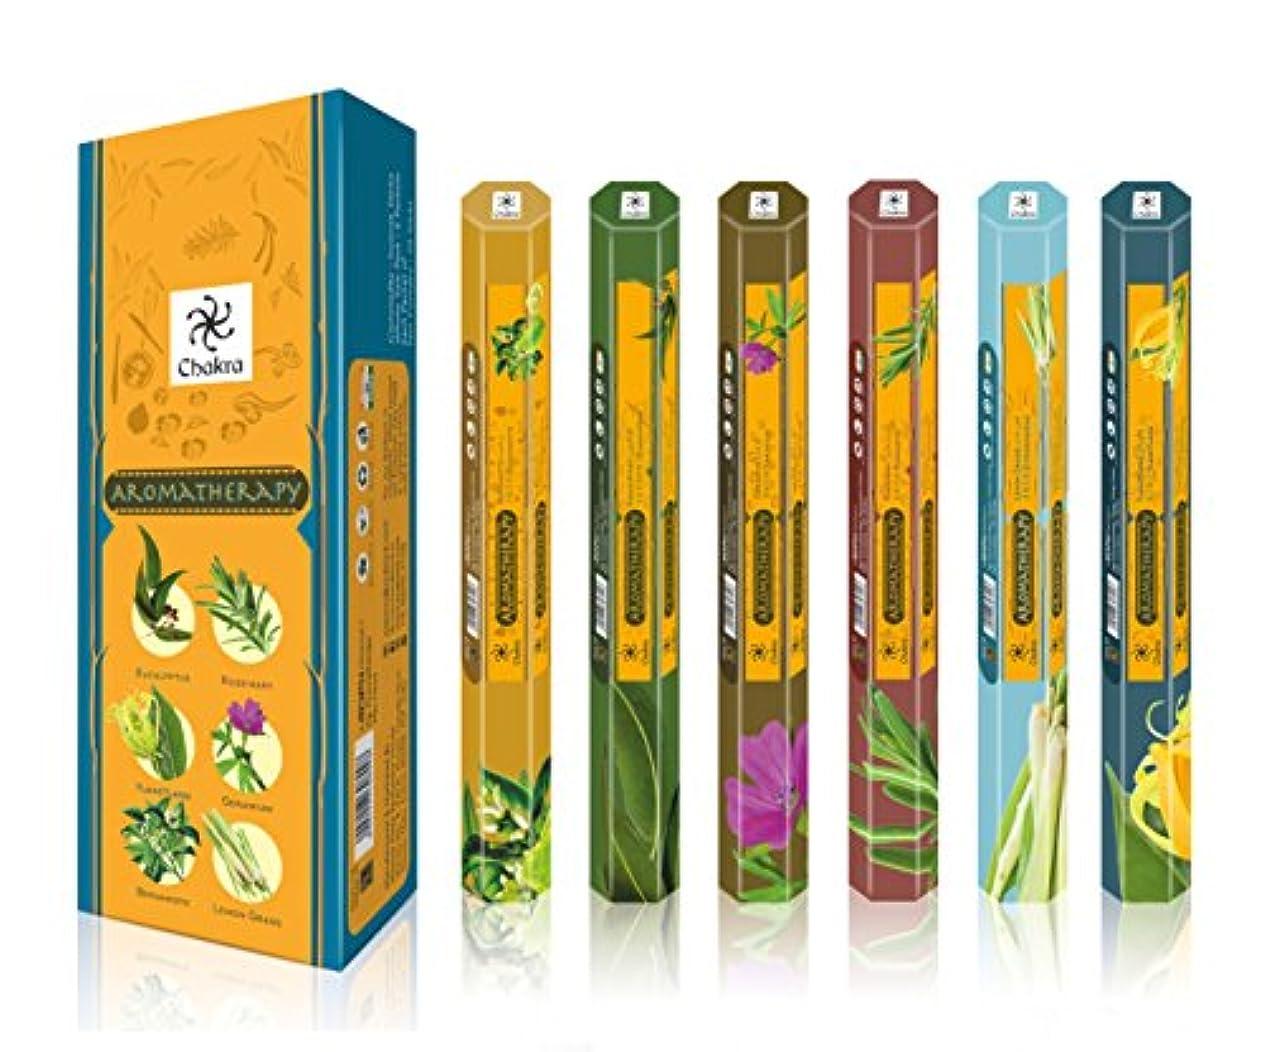 胃枯れる穏やかなアロマセラピーナチュラルフレグランス香りつきSticks – 促進健康とWell being- 20 Incense Sticks Perボックス – Long Lasting 120 Fragrance Sticks – パックof 6